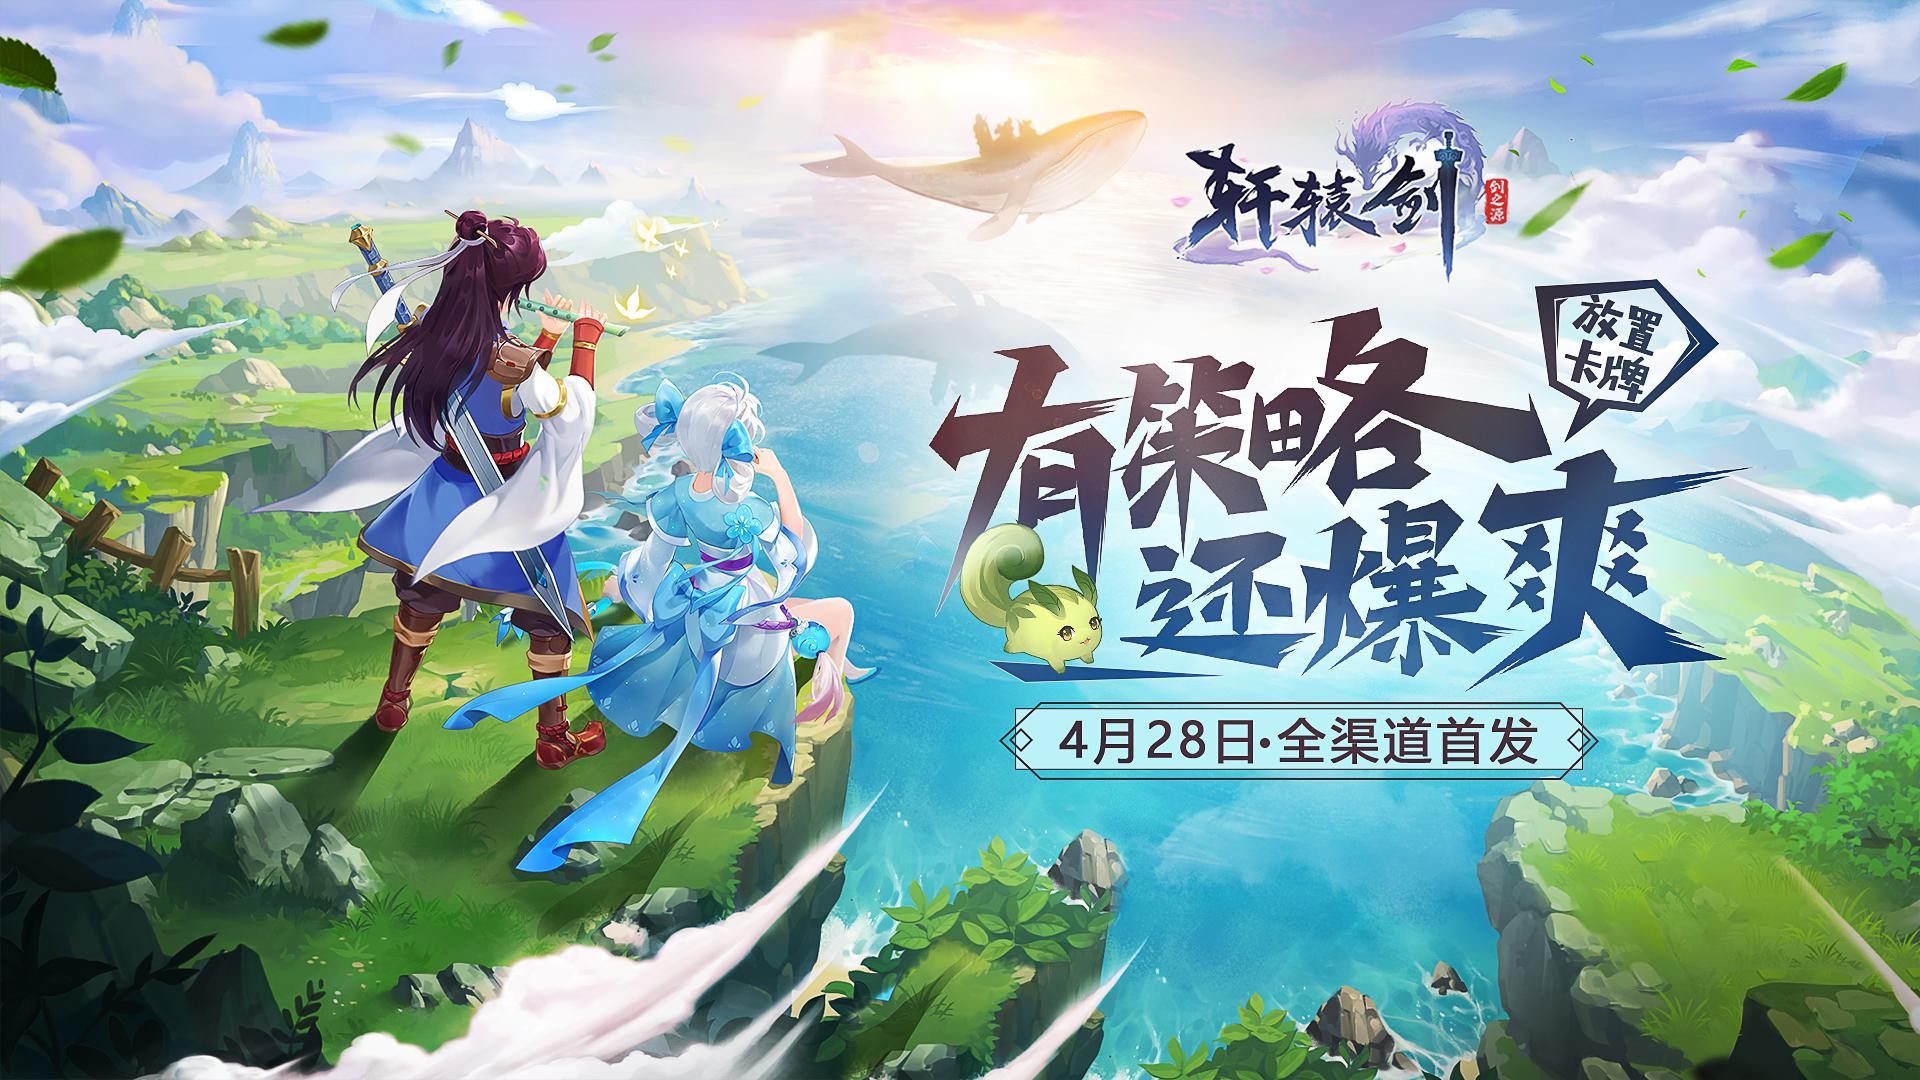 《轩辕剑:剑之源》定档4月28日,全年下载量上涨54%的品类引来又一大厂